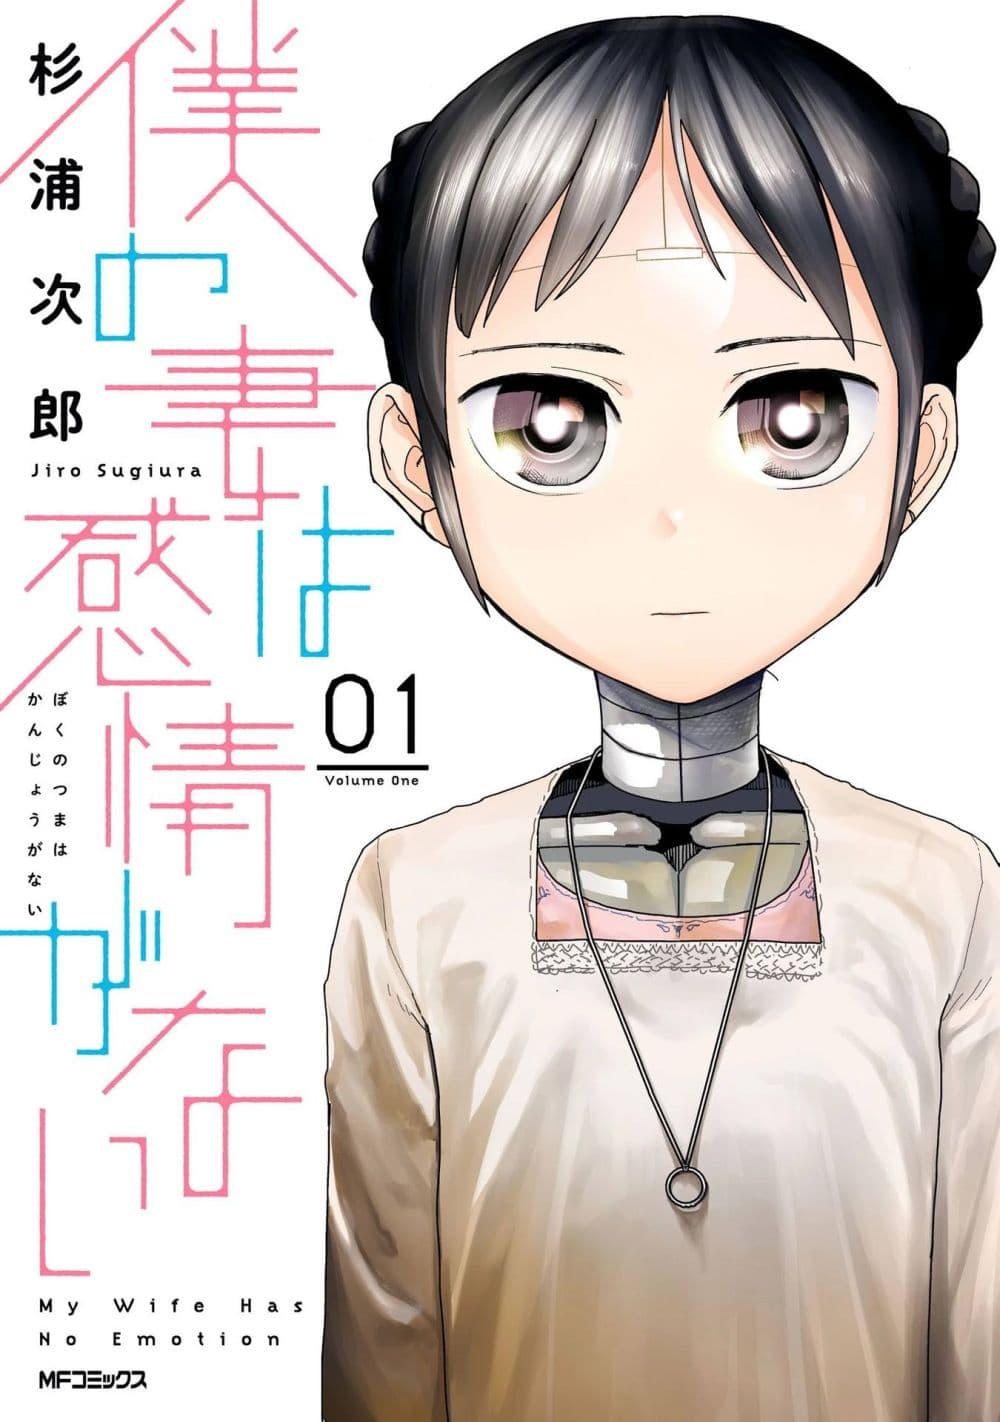 Boku no Tsuma wa Kanjou ga Nai ภรรยาของผมเป็นหุ่นยนต์ครับ ตอนที่ 1